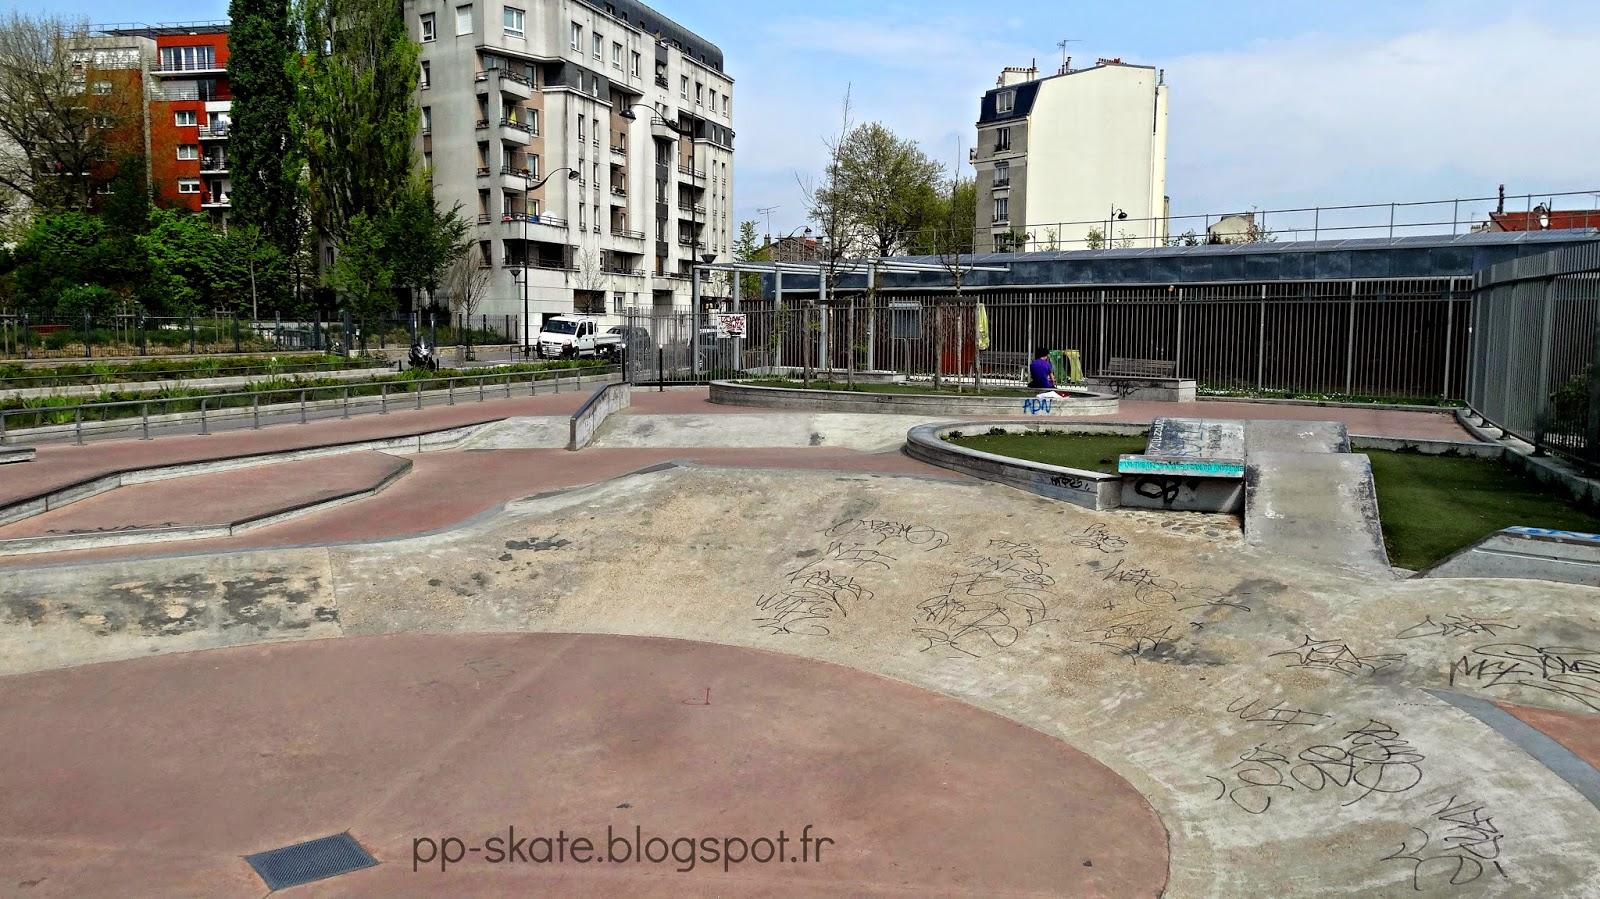 Le skatepark de foug res porte des lilas paris jackspots - Piscine des tourelles porte des lilas ...